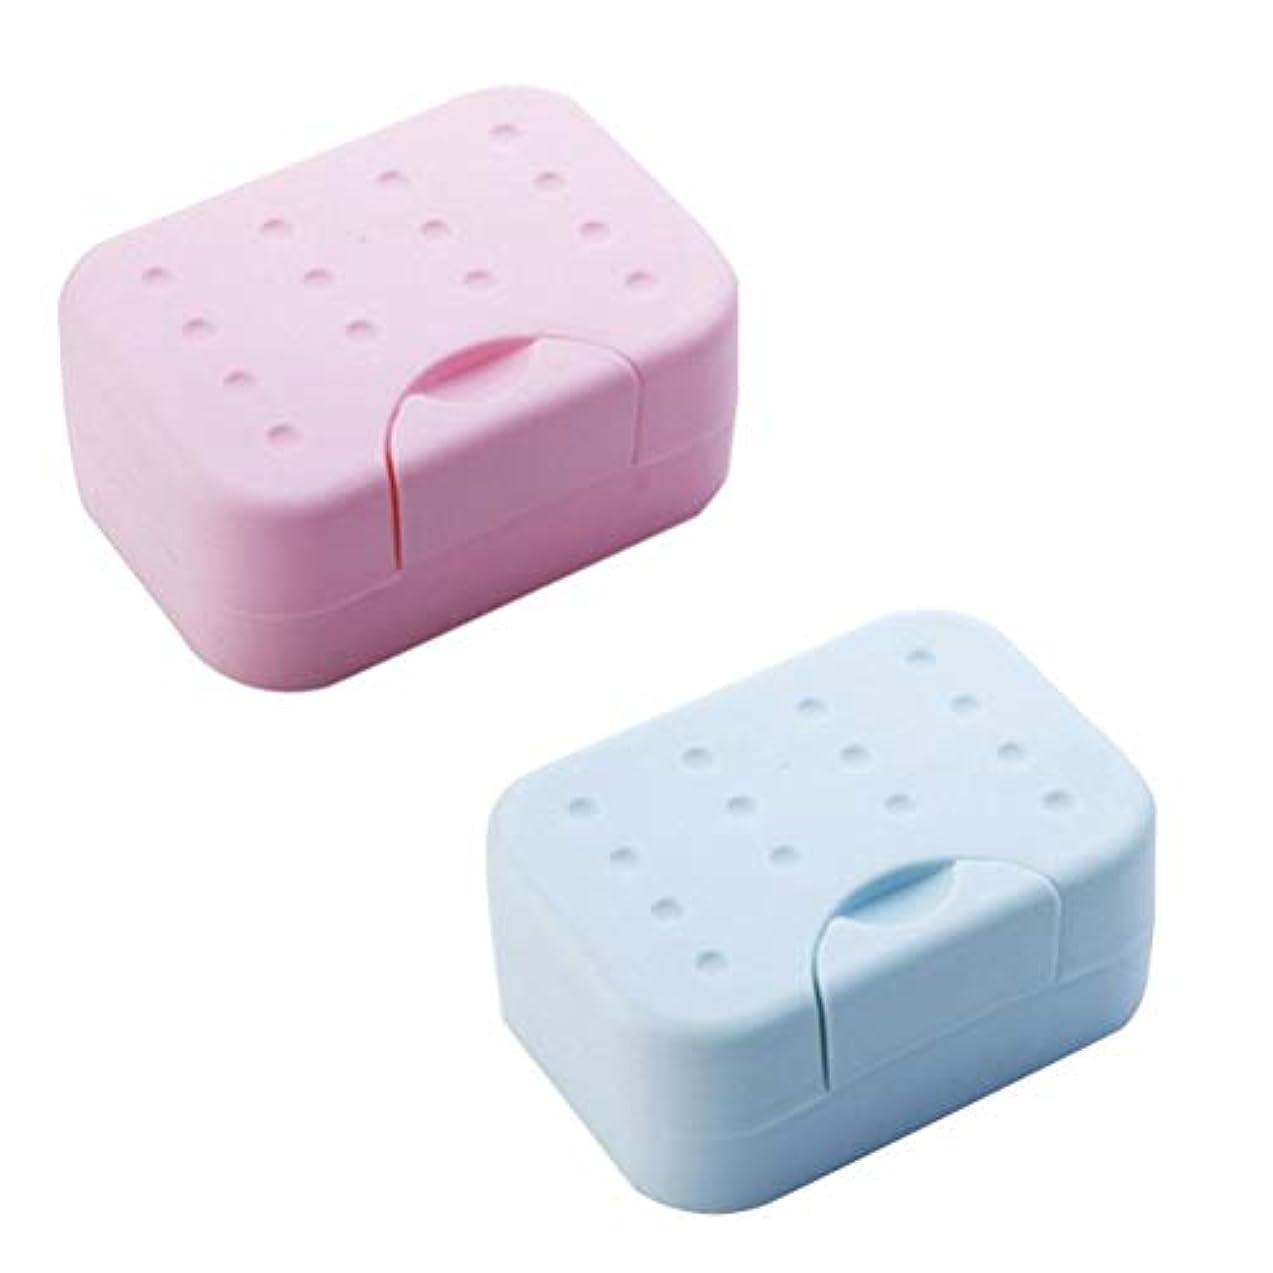 ねばねば趣味宗教Healifty 2PC石鹸容器旅行石鹸ボックス石けんケース耐久性プラスチック防水飲料水スポンジ石鹸キャビネットのための食器ホルダーホームバスルーム(赤と青)